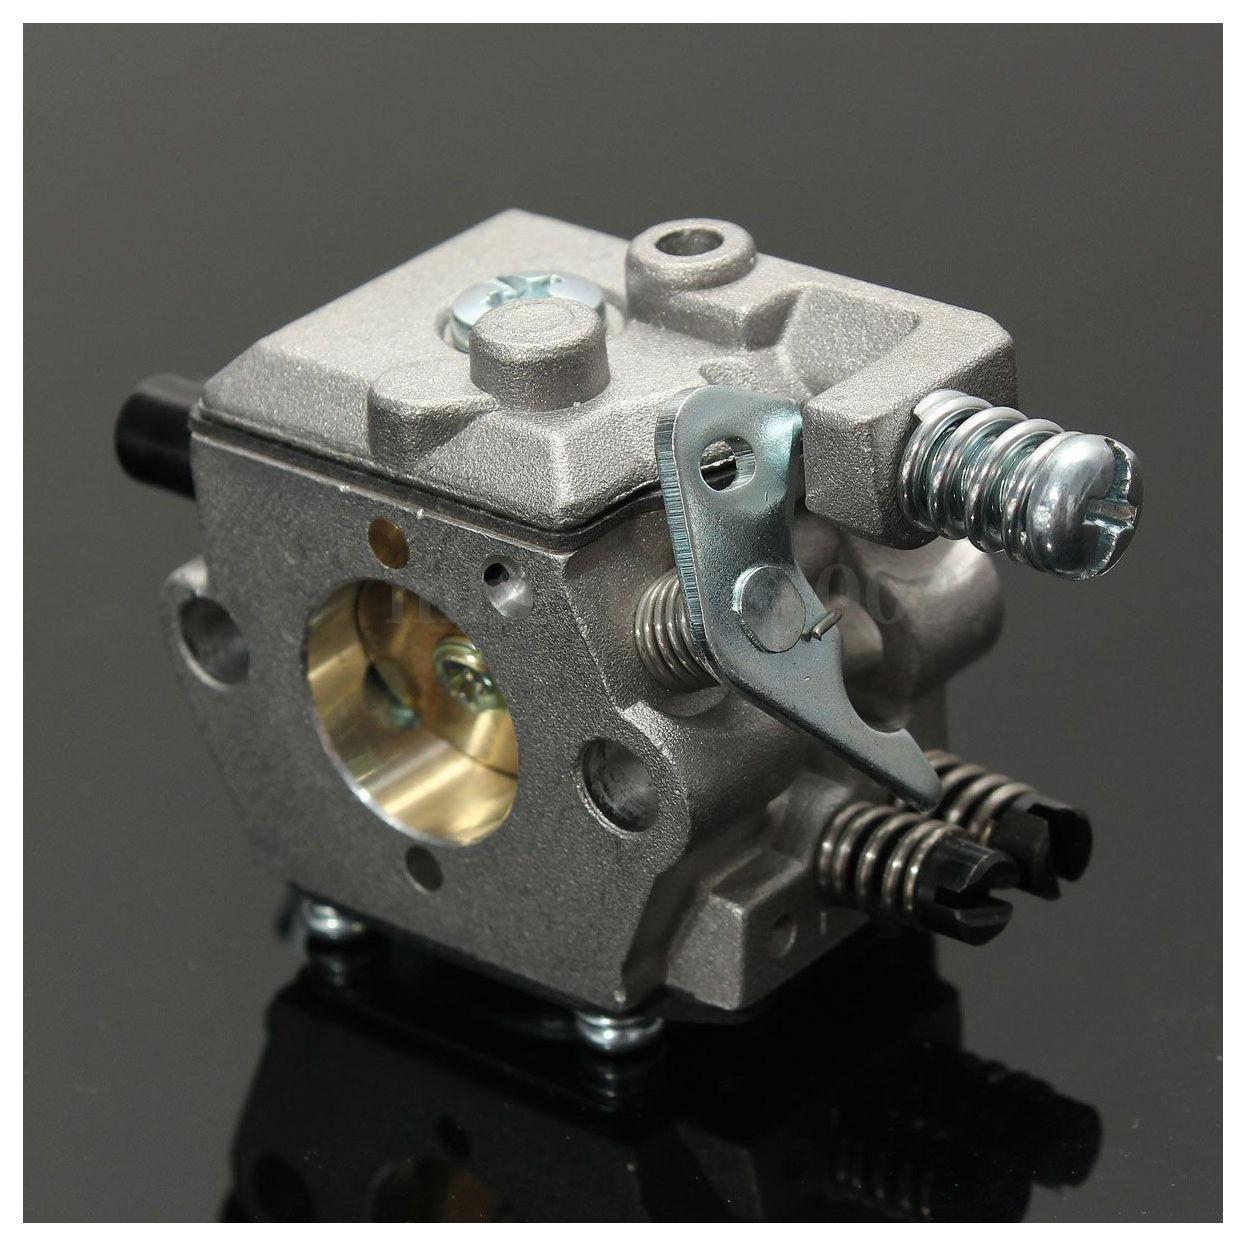 TOLYLE Carb Carburateur Pour STIHL 025 023 021 MS250 MS230 Zama Tronçonneuse Walbro Remplacer Argent